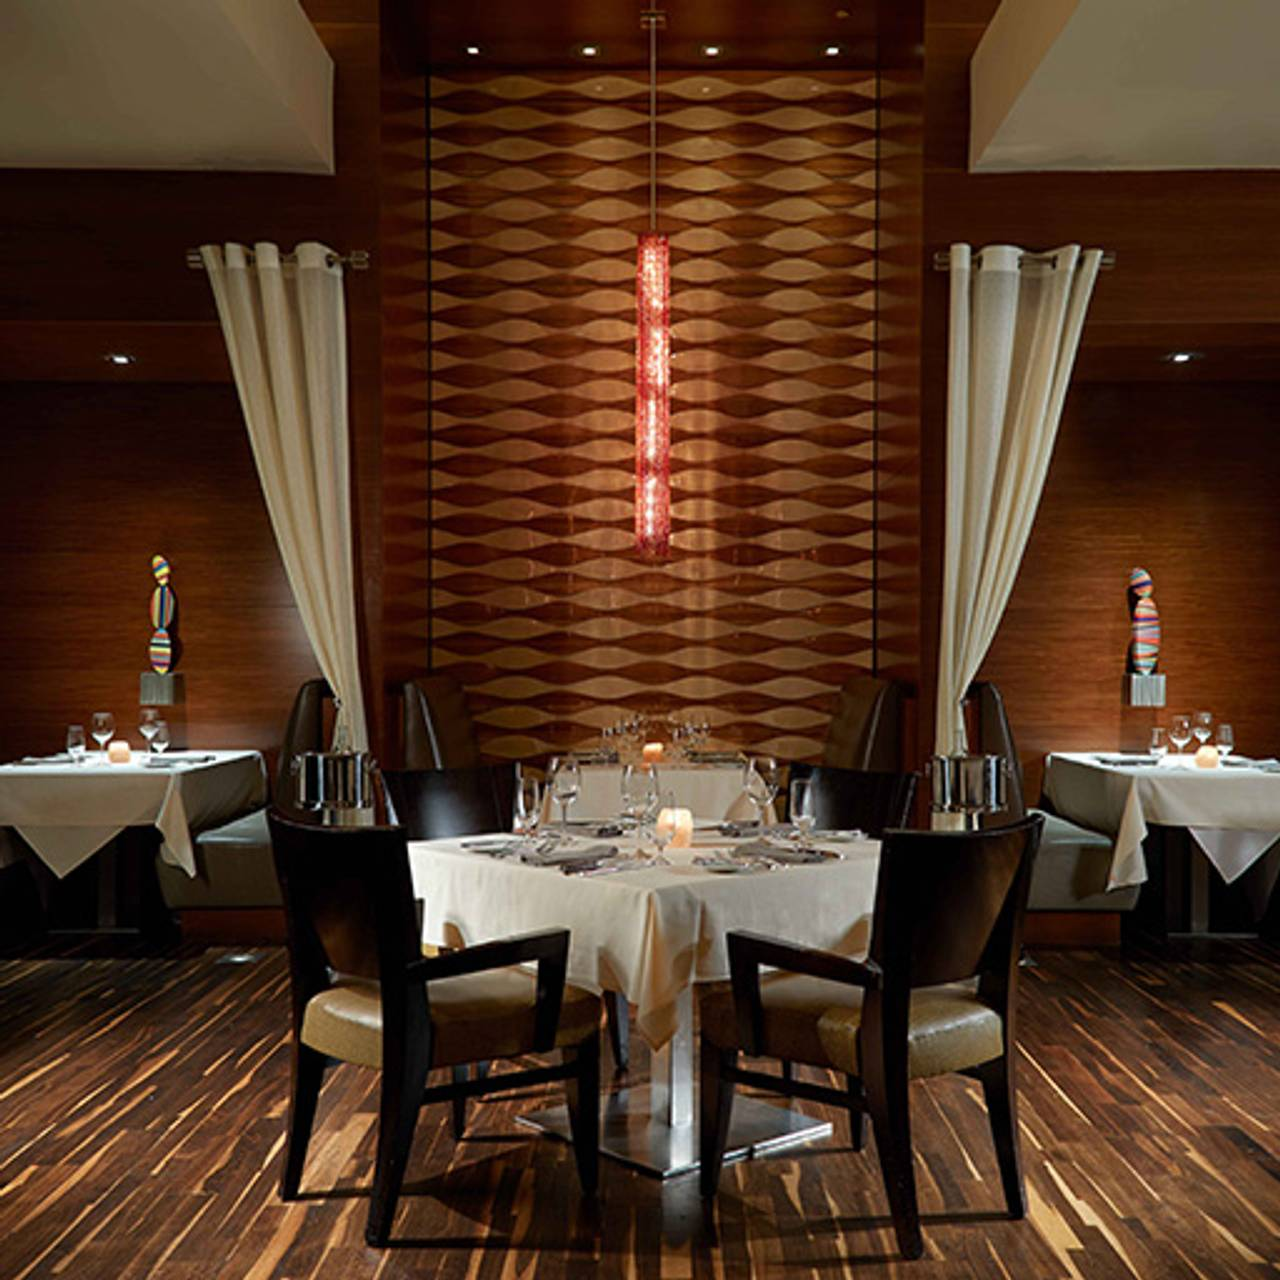 Council Oak Steaks & Seafood – Seminole Hard Rock Hotel & Casino